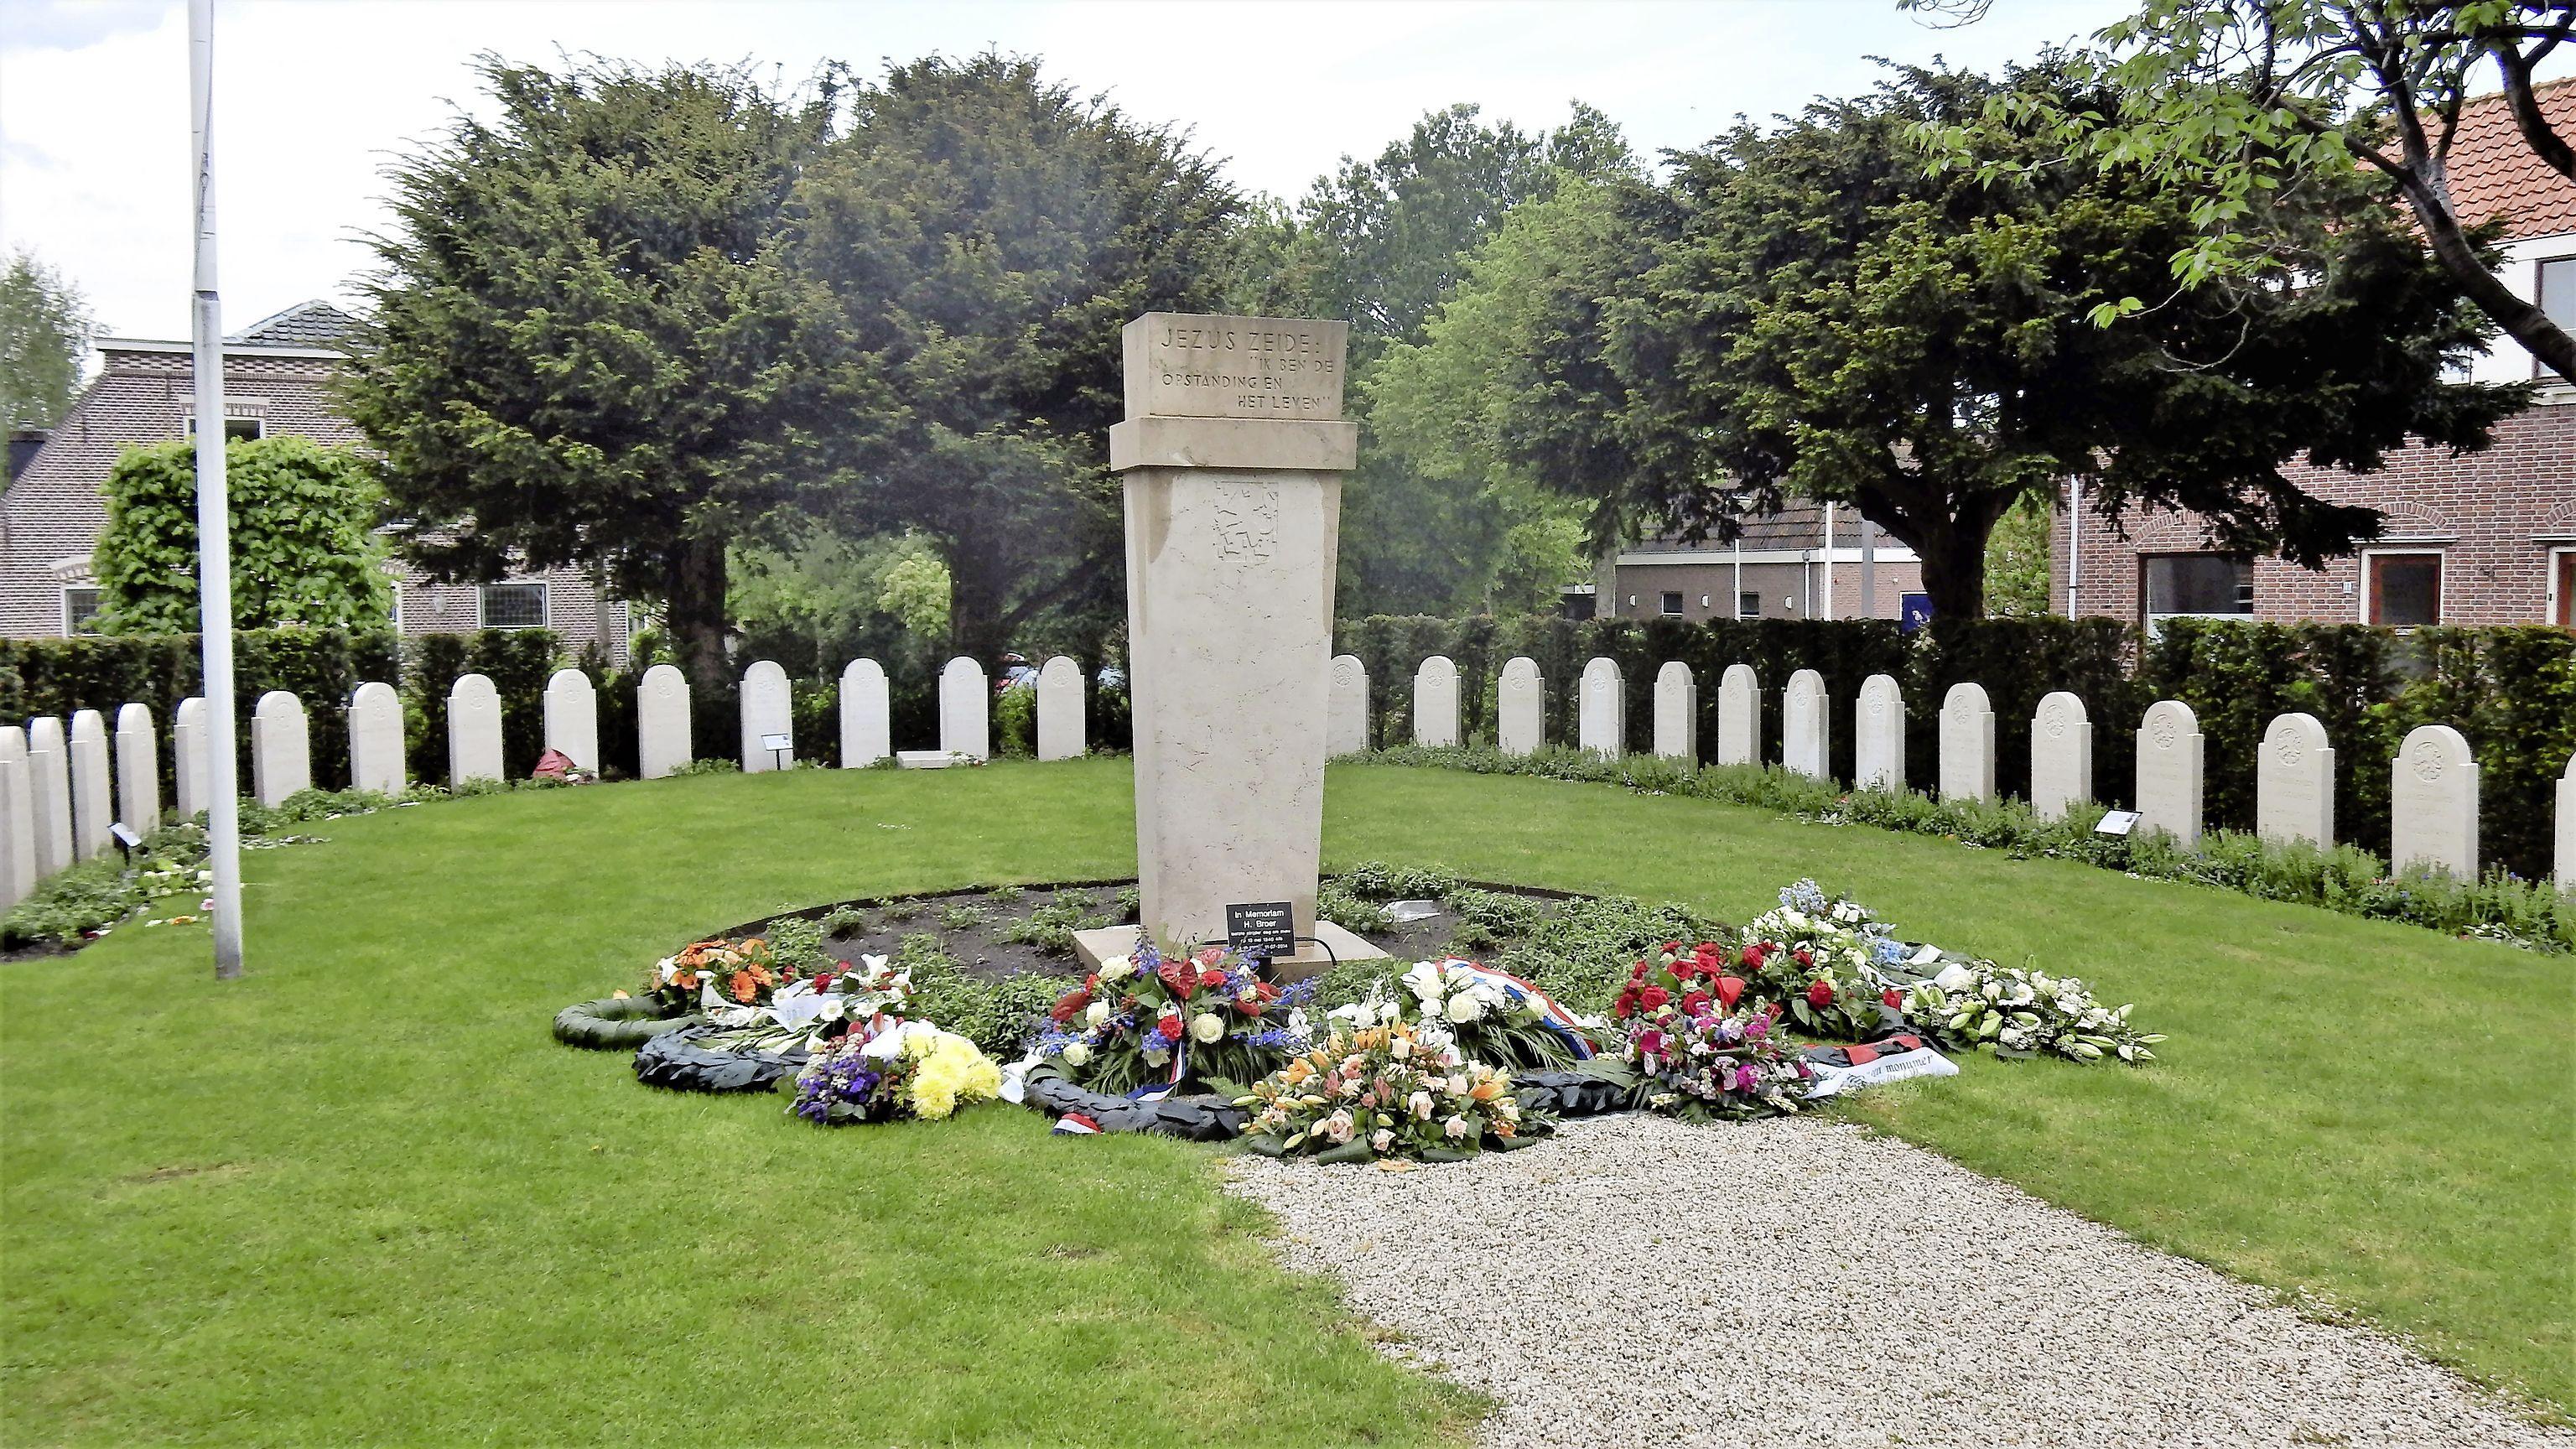 Bijzondere zoektocht naar foto van Jan Berghuis, voor eerbetoon aan militair die in de meidagen van 1940 sneuvelde: gevechten bij vliegveld Valkenburg kostten IJmonder het leven